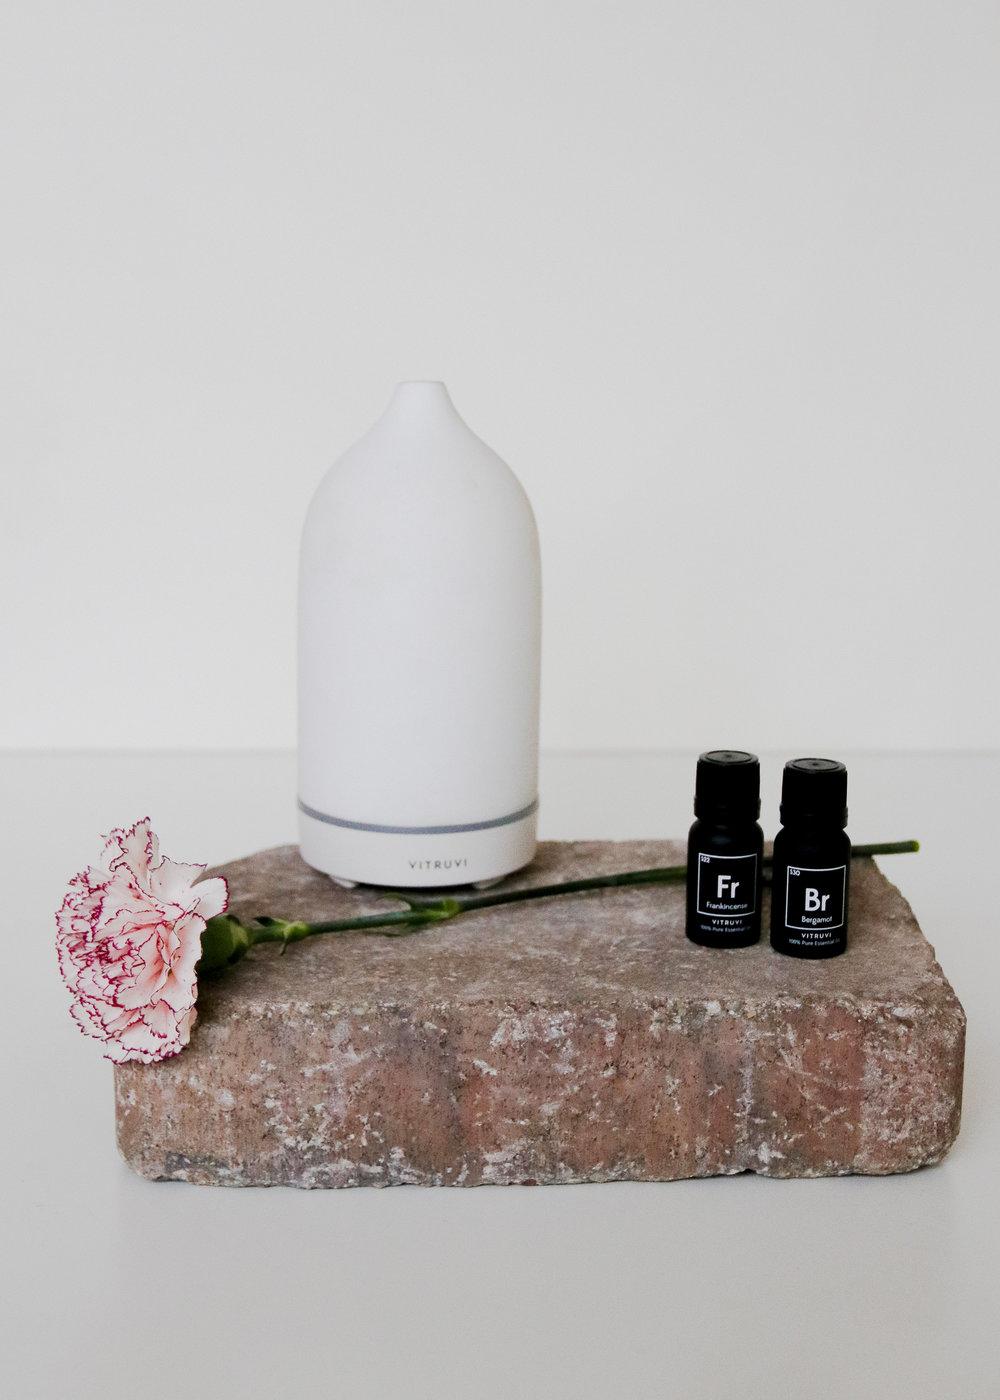 Vitruvi White Stone Diffuser + Essential Oils